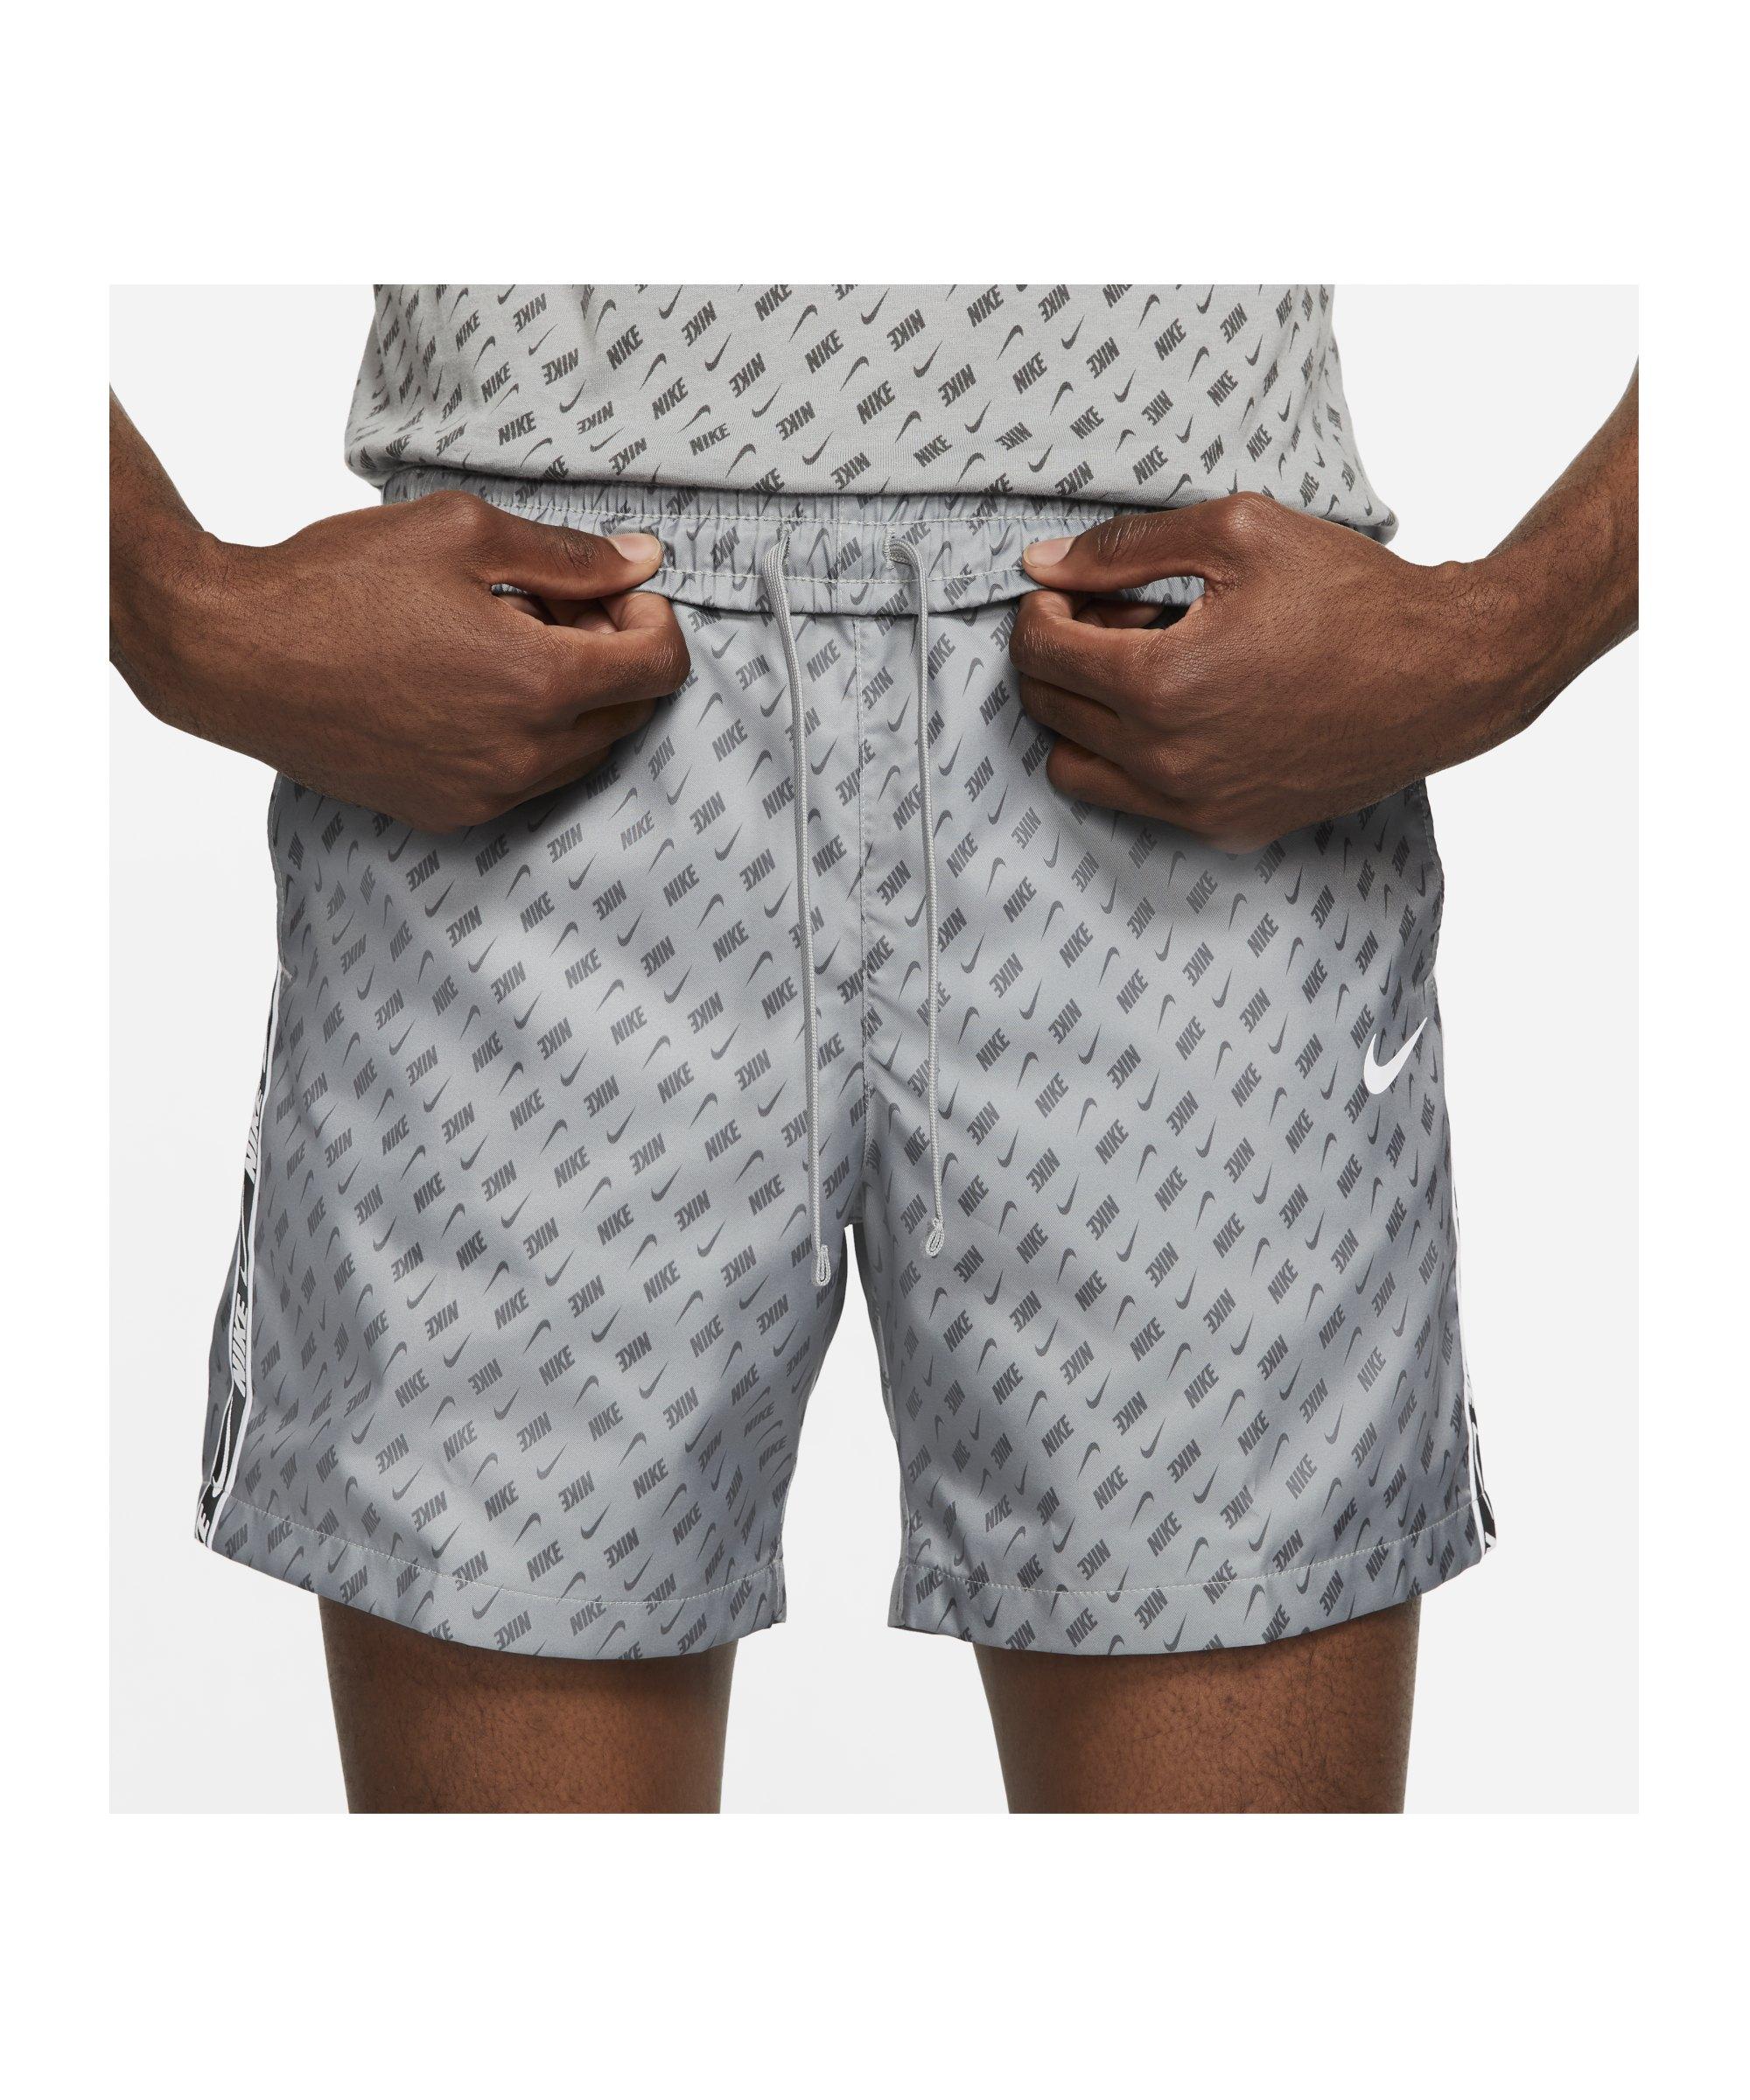 Nike Repeat Woven Print Short Grau F073 - grau